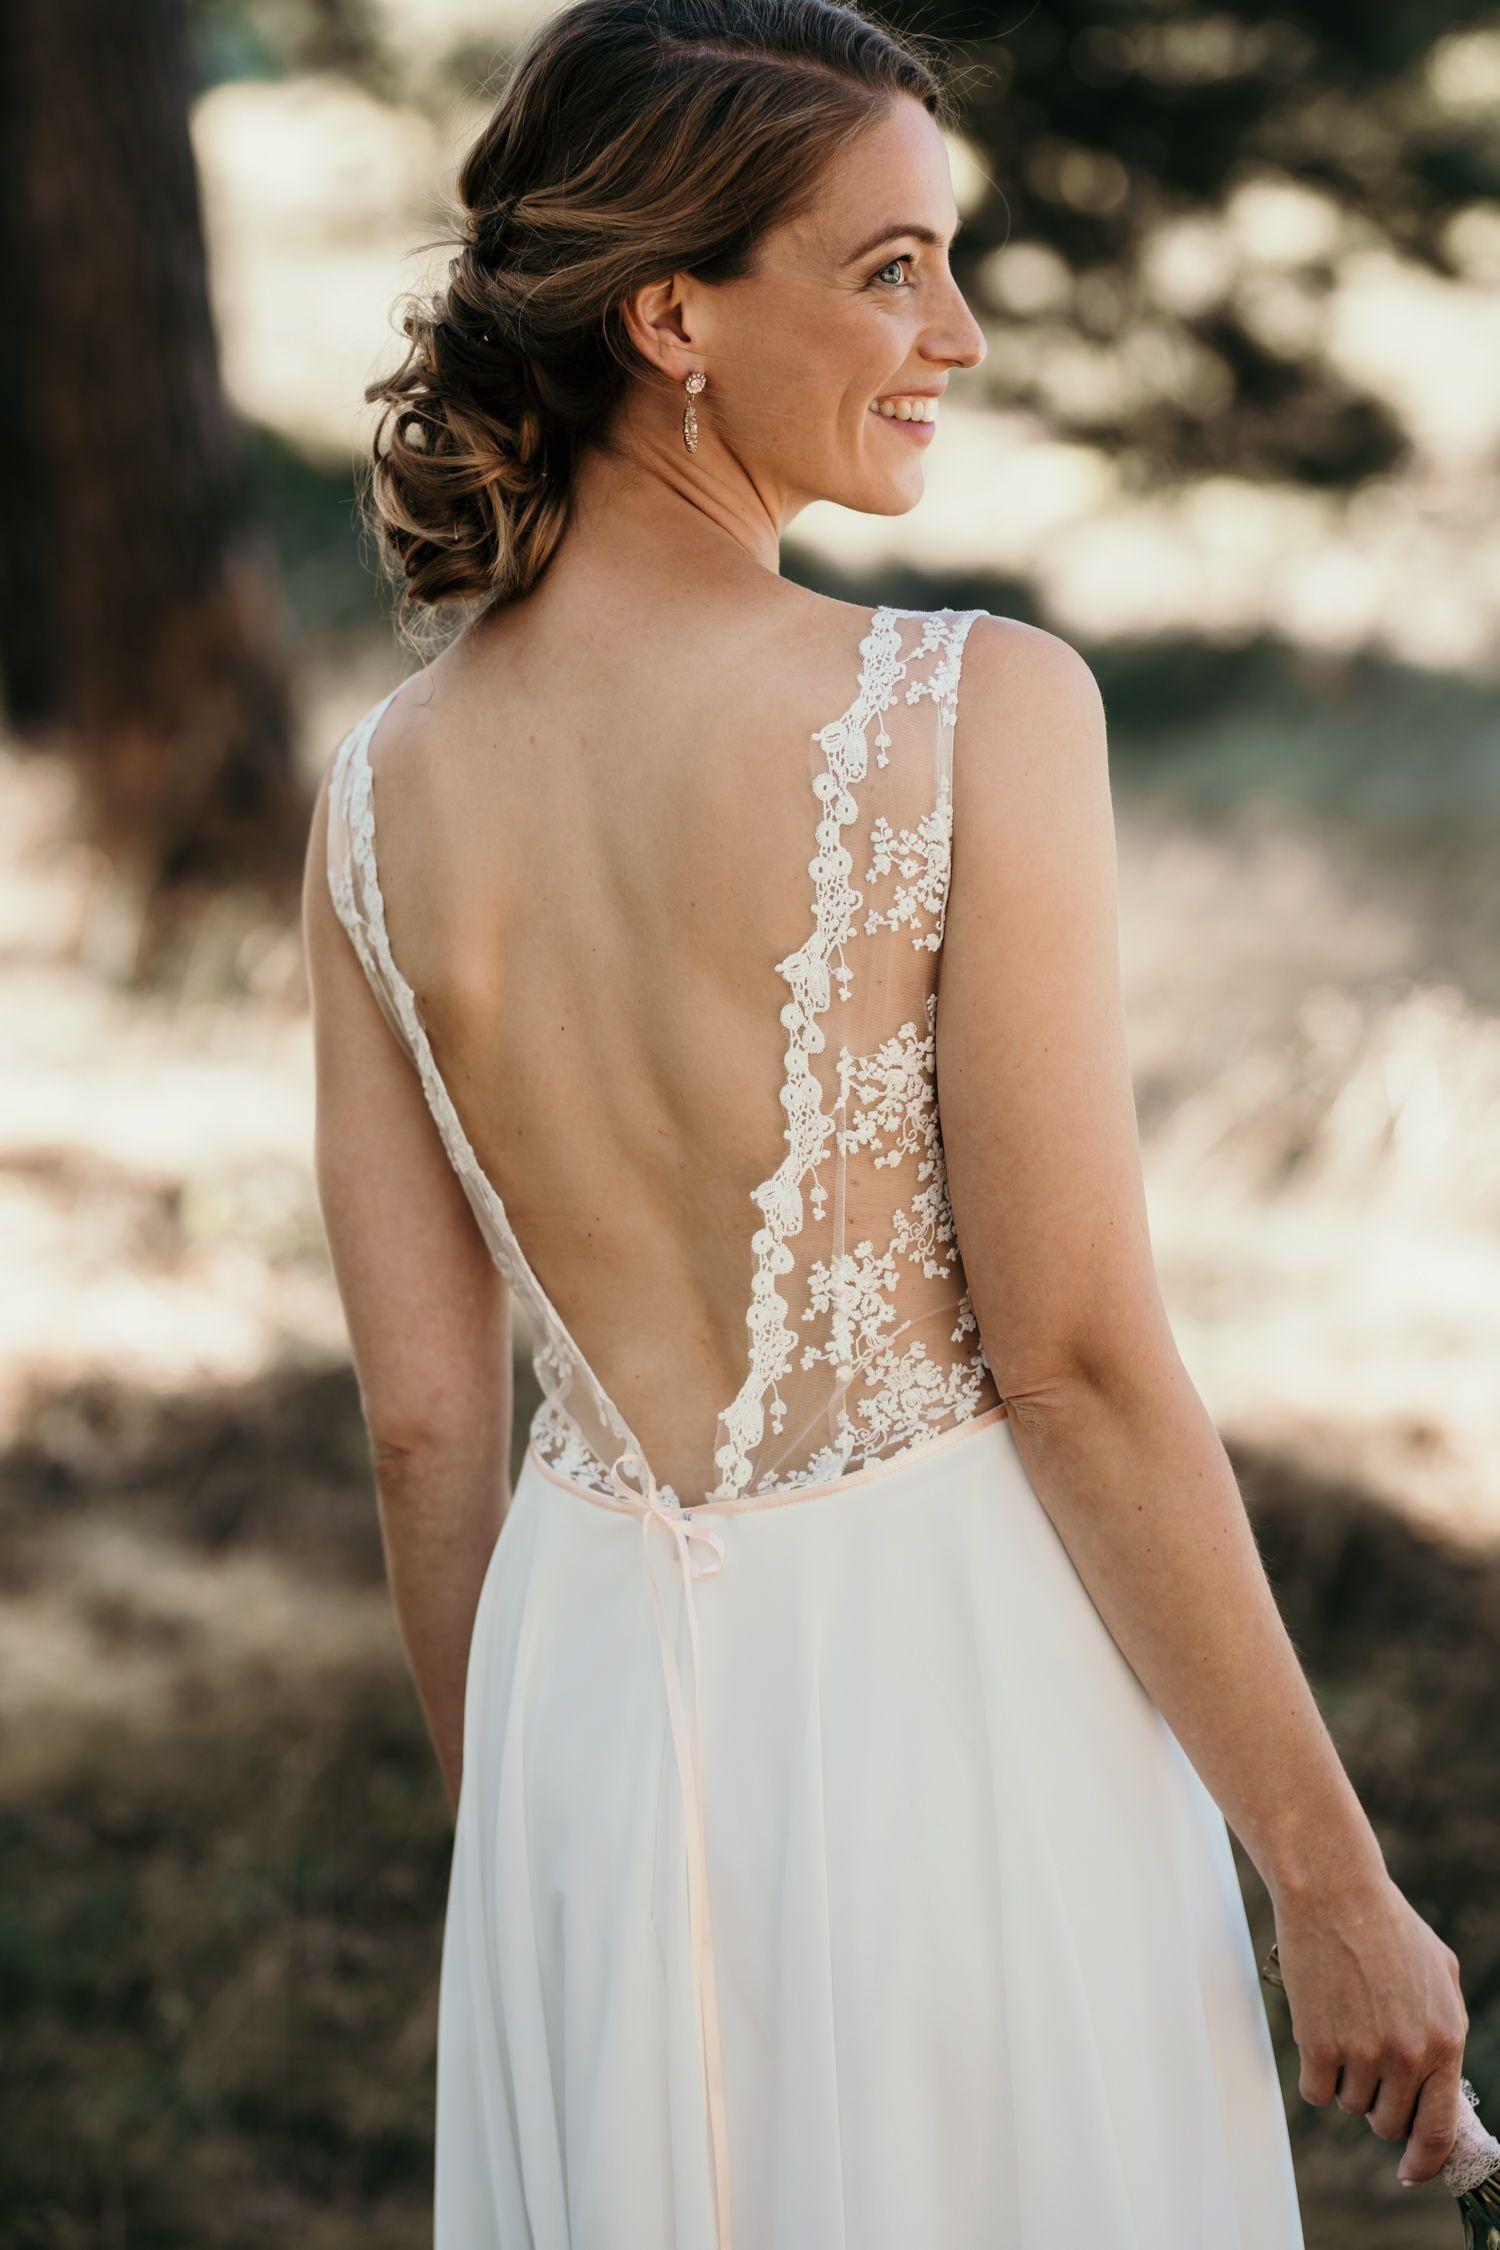 Kurze Brautkleider fürs Standesamt  Brautmode, Brautkleid spitze